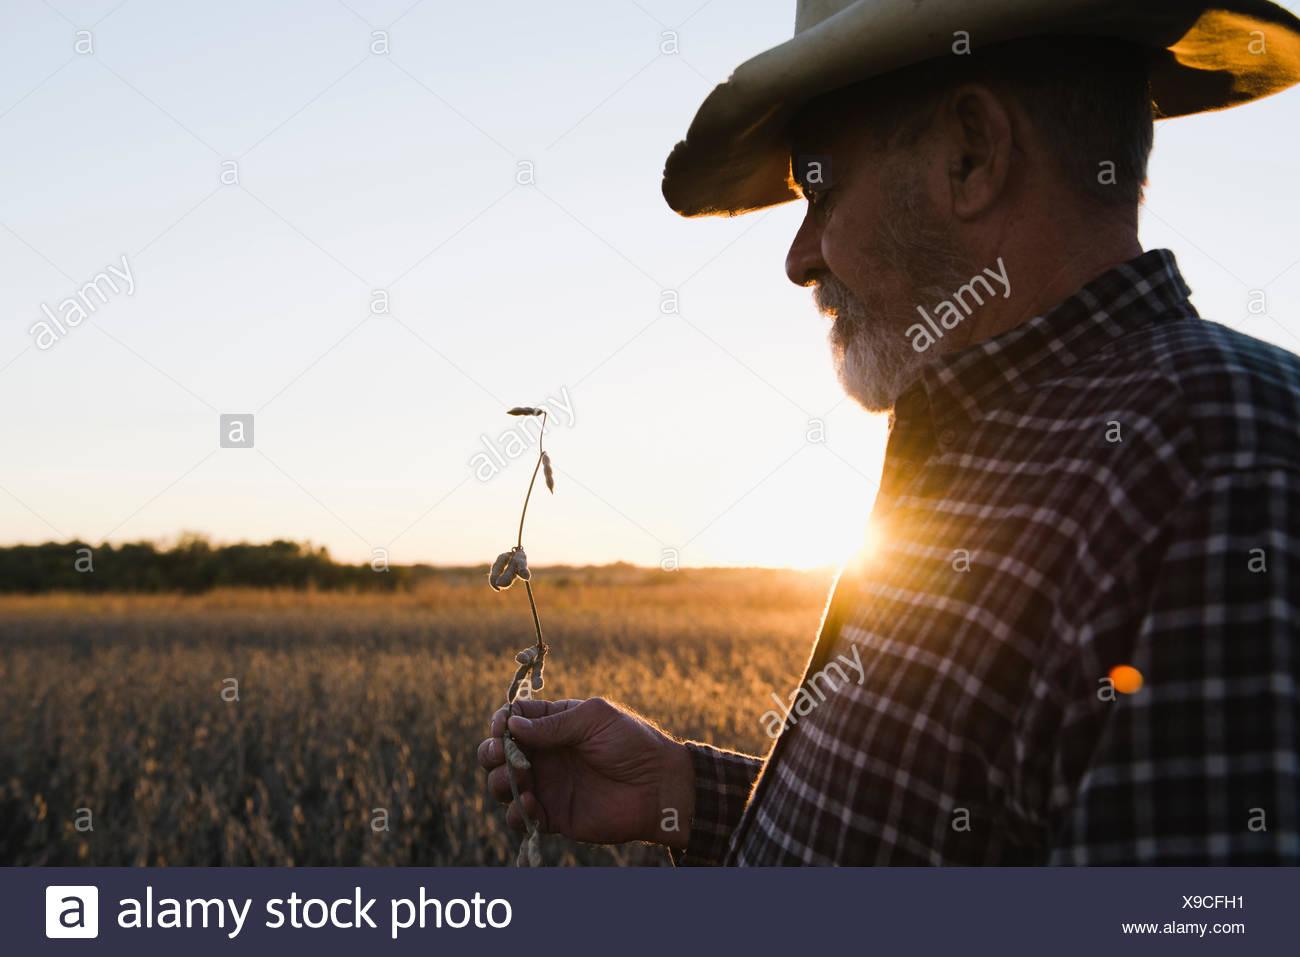 Senior agricoltore maschio cercando in corrispondenza dello stelo dal raccolto di semi di soia, Plattsburg, Missouri, Stati Uniti d'America Immagini Stock